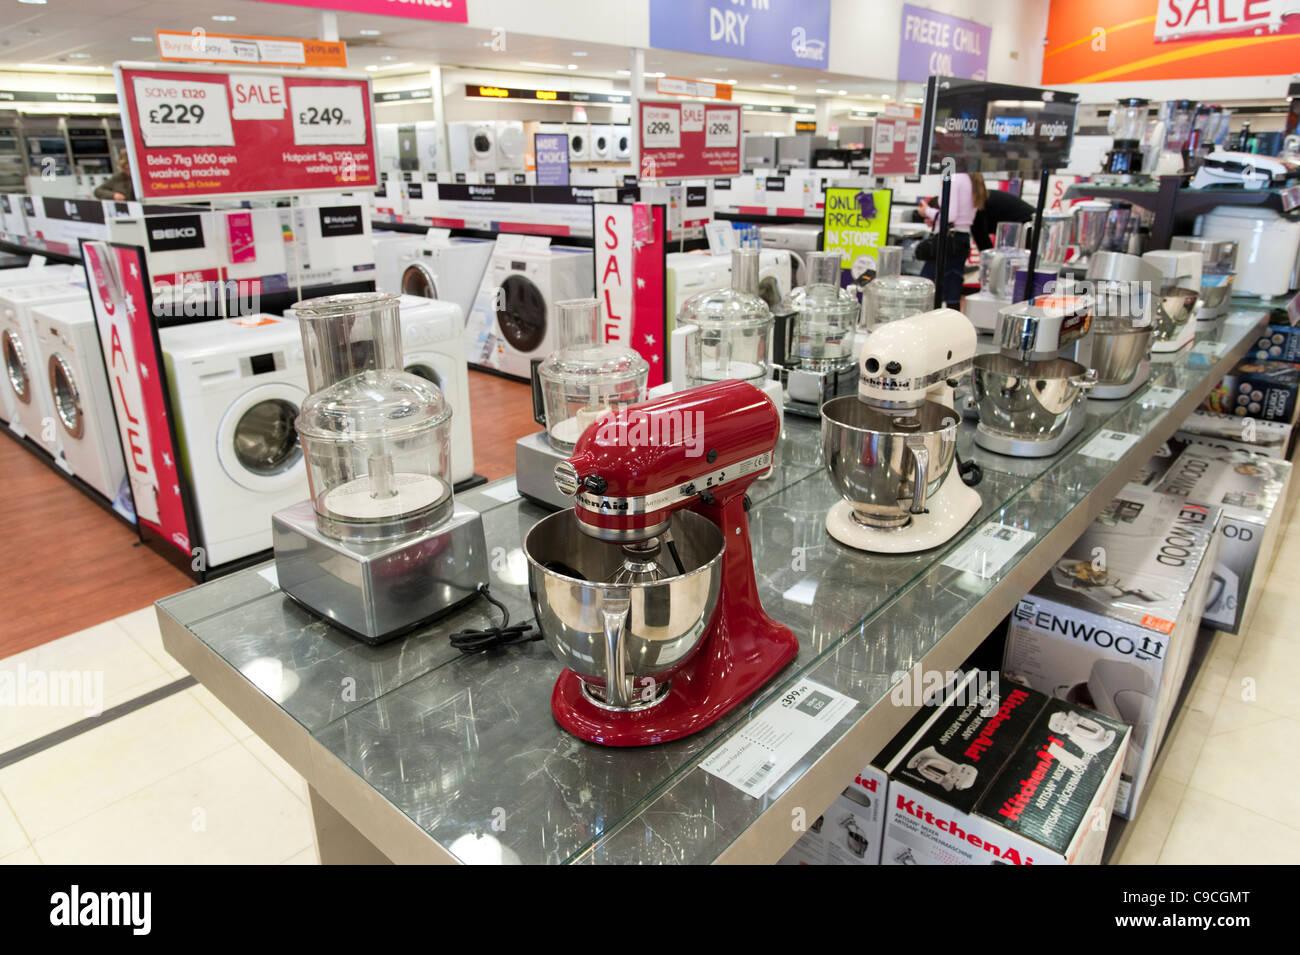 Appareils de cuisine électriques dans la comète store, Londres, Angleterre, Royaume-Uni Photo Stock